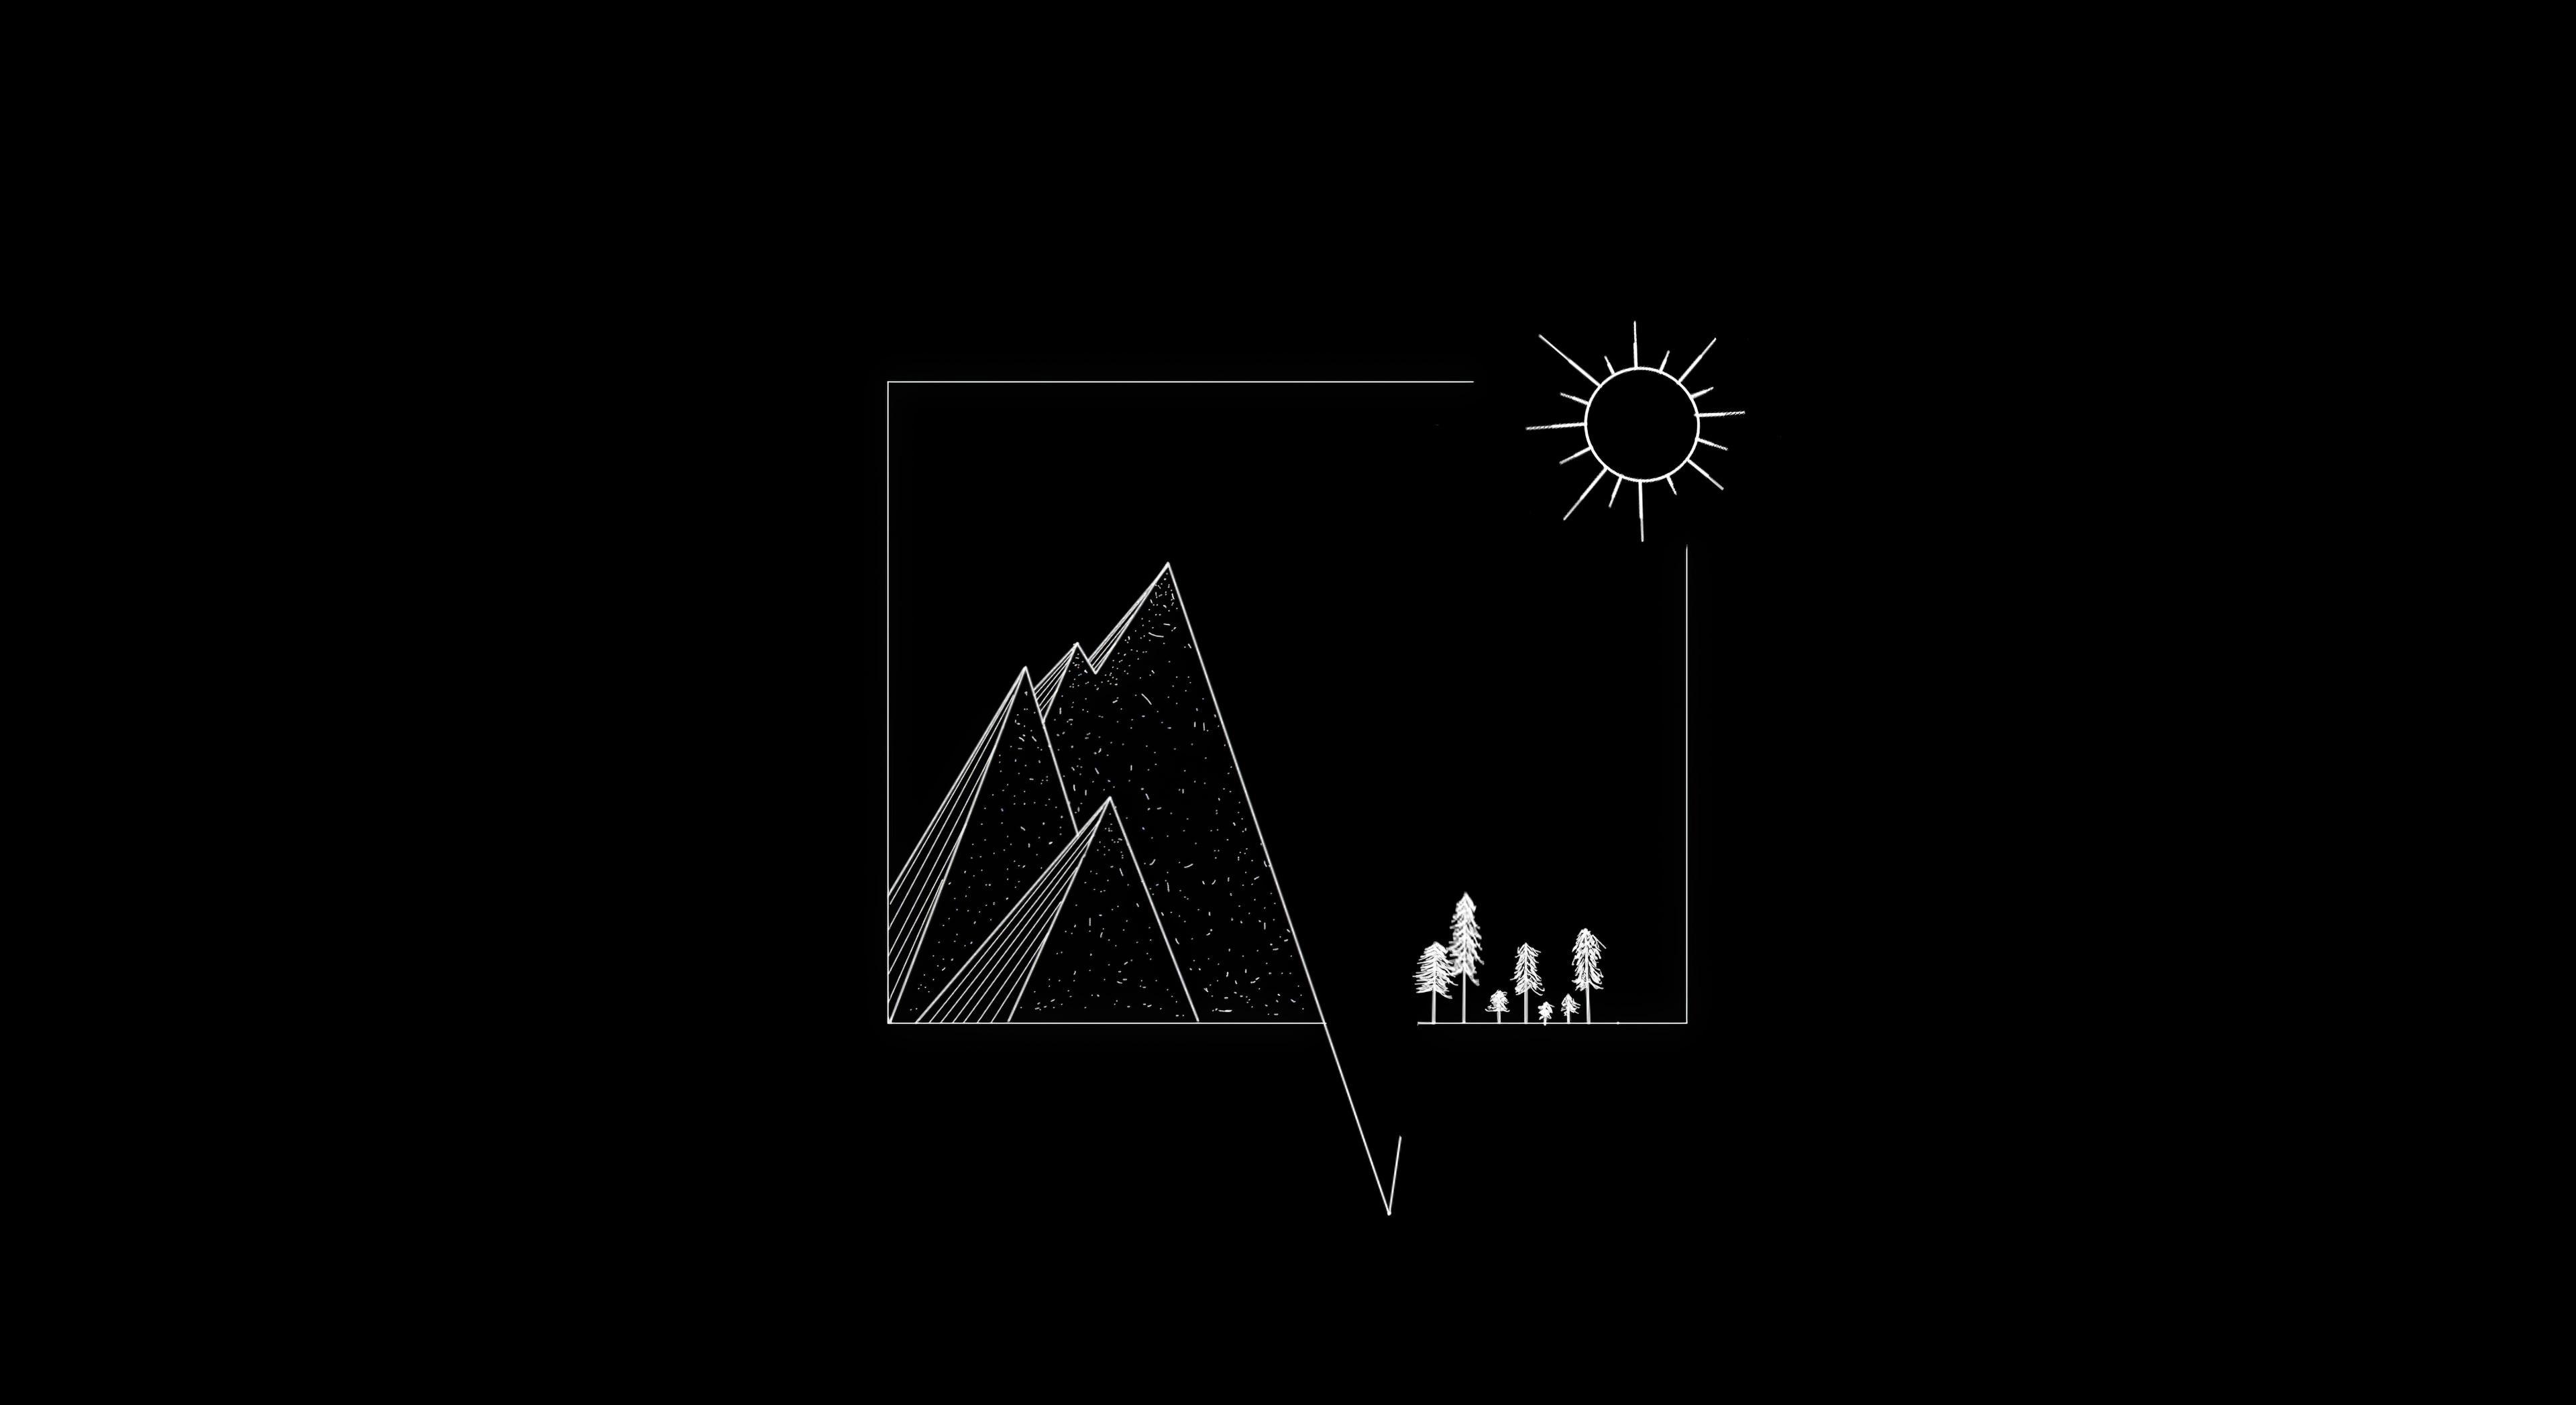 dark minimal scenery 4k